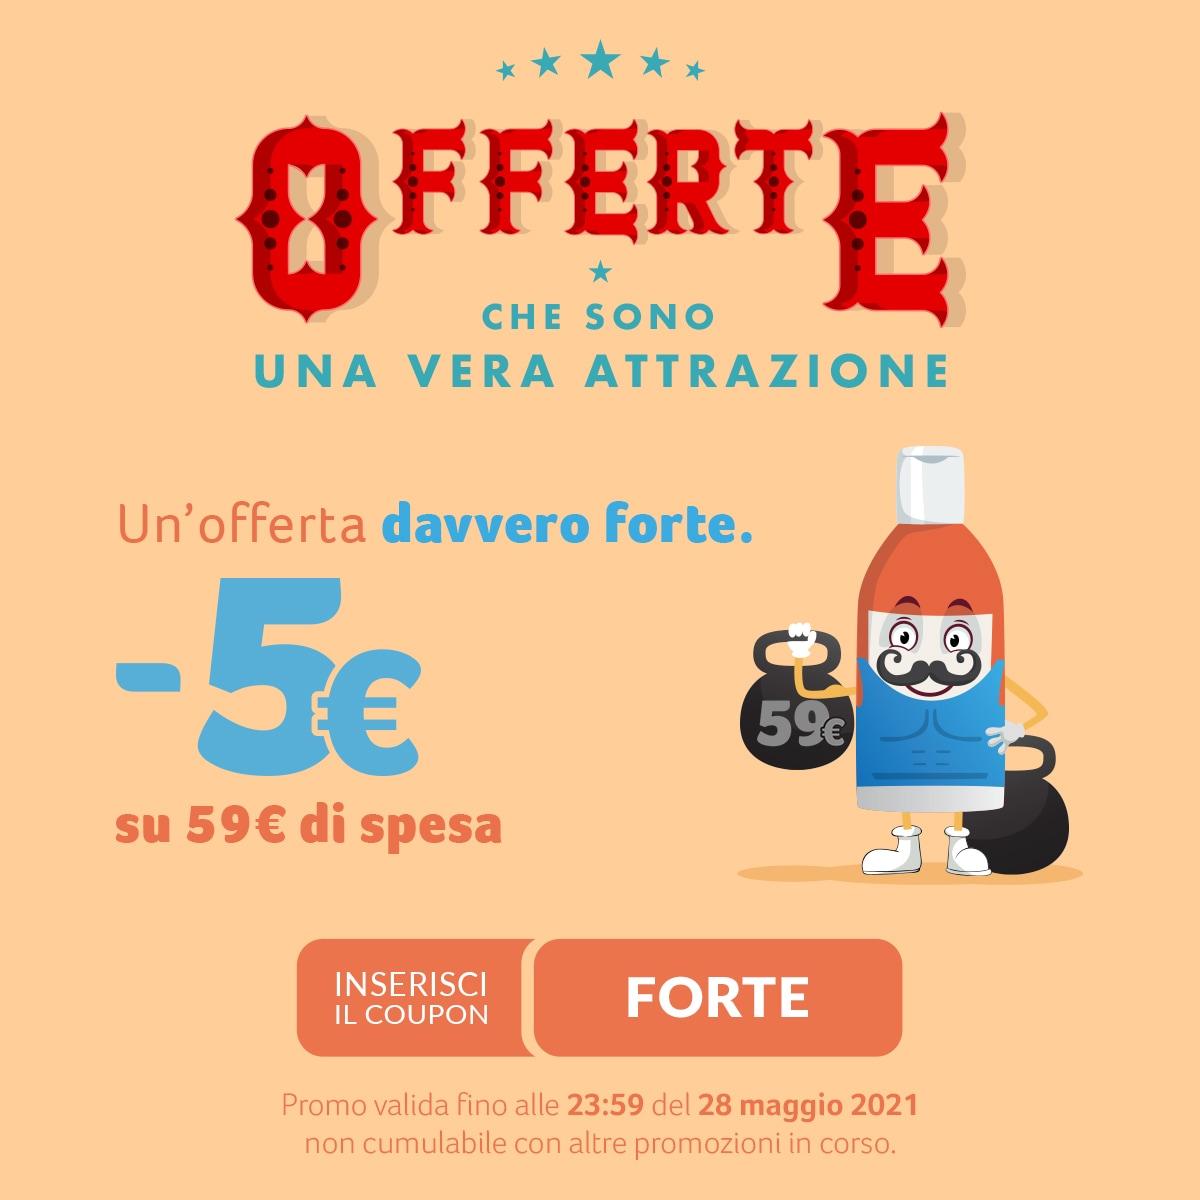 FARMAè' 5 EURO DI SCONTO SU UNA SPESA DI 59 EURO